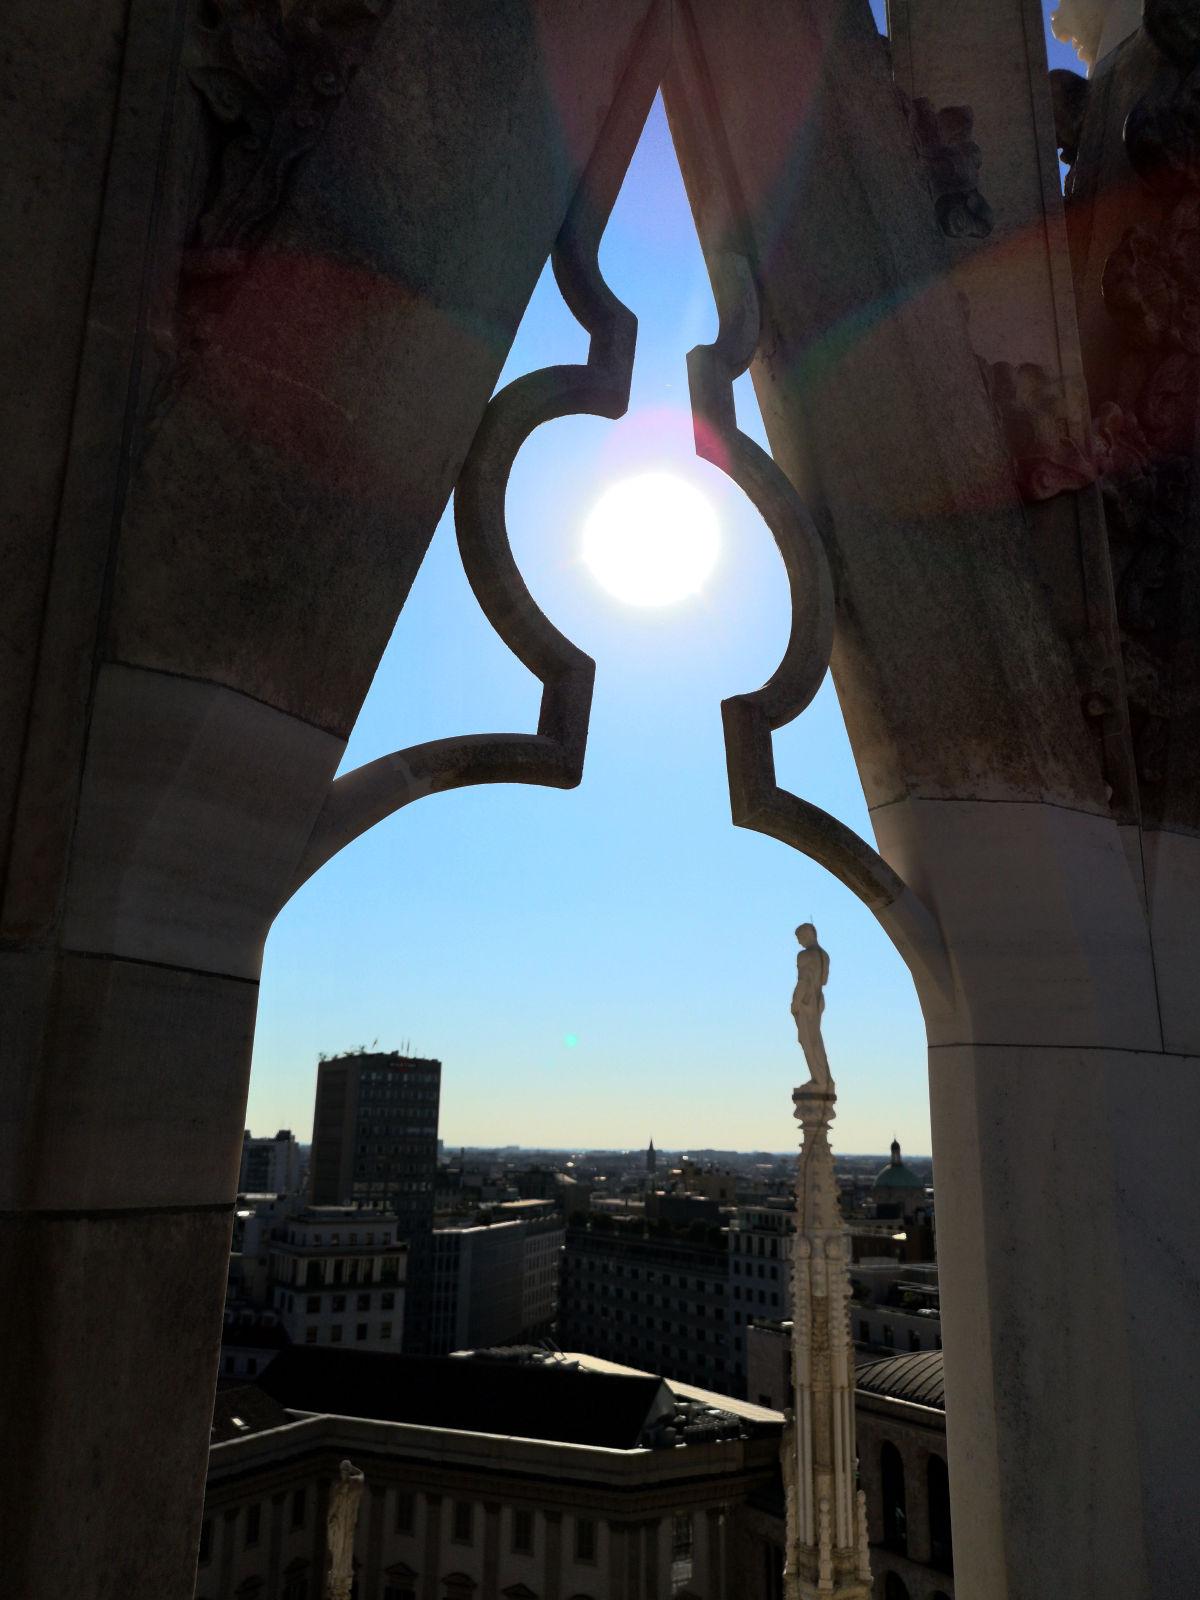 Frei nach den Stieber-Twins: Mit dem Blick durch Fenster vom Dom. (Foto: Ruti)